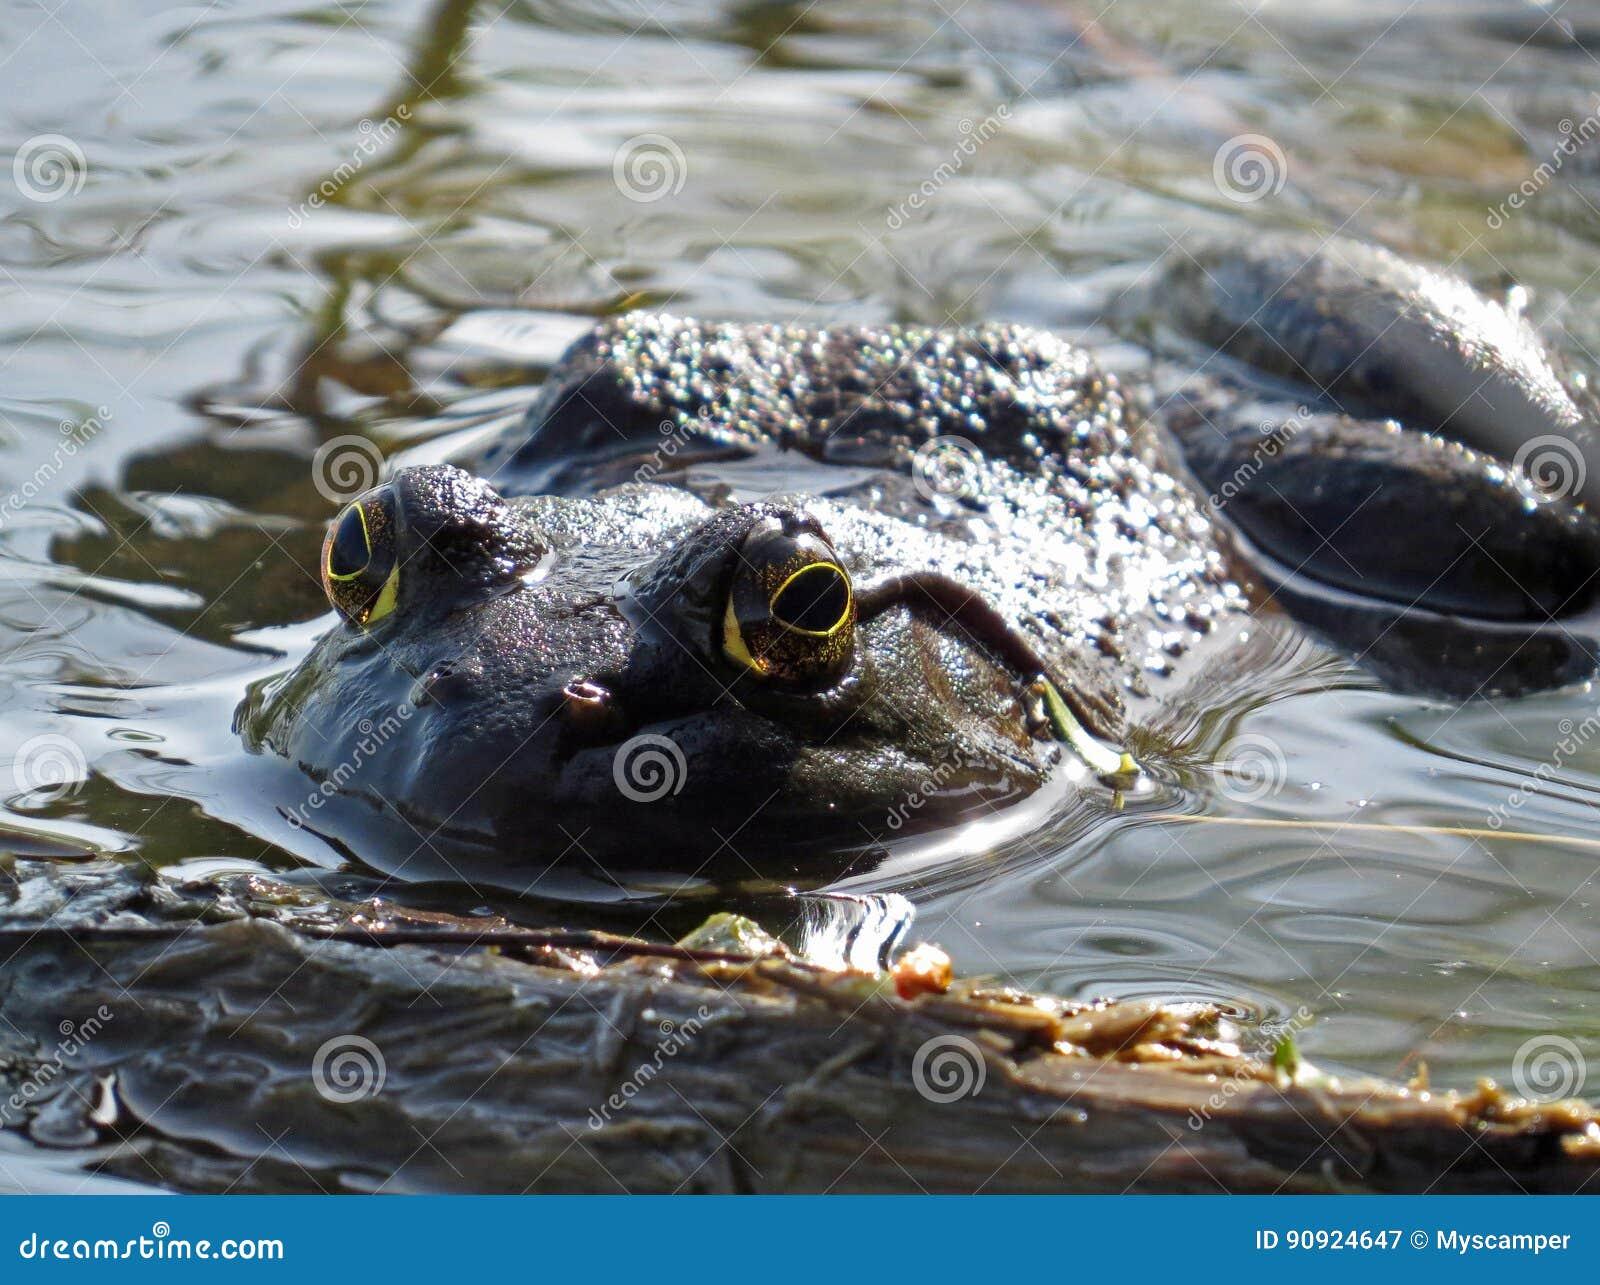 American Bullfrog Profile